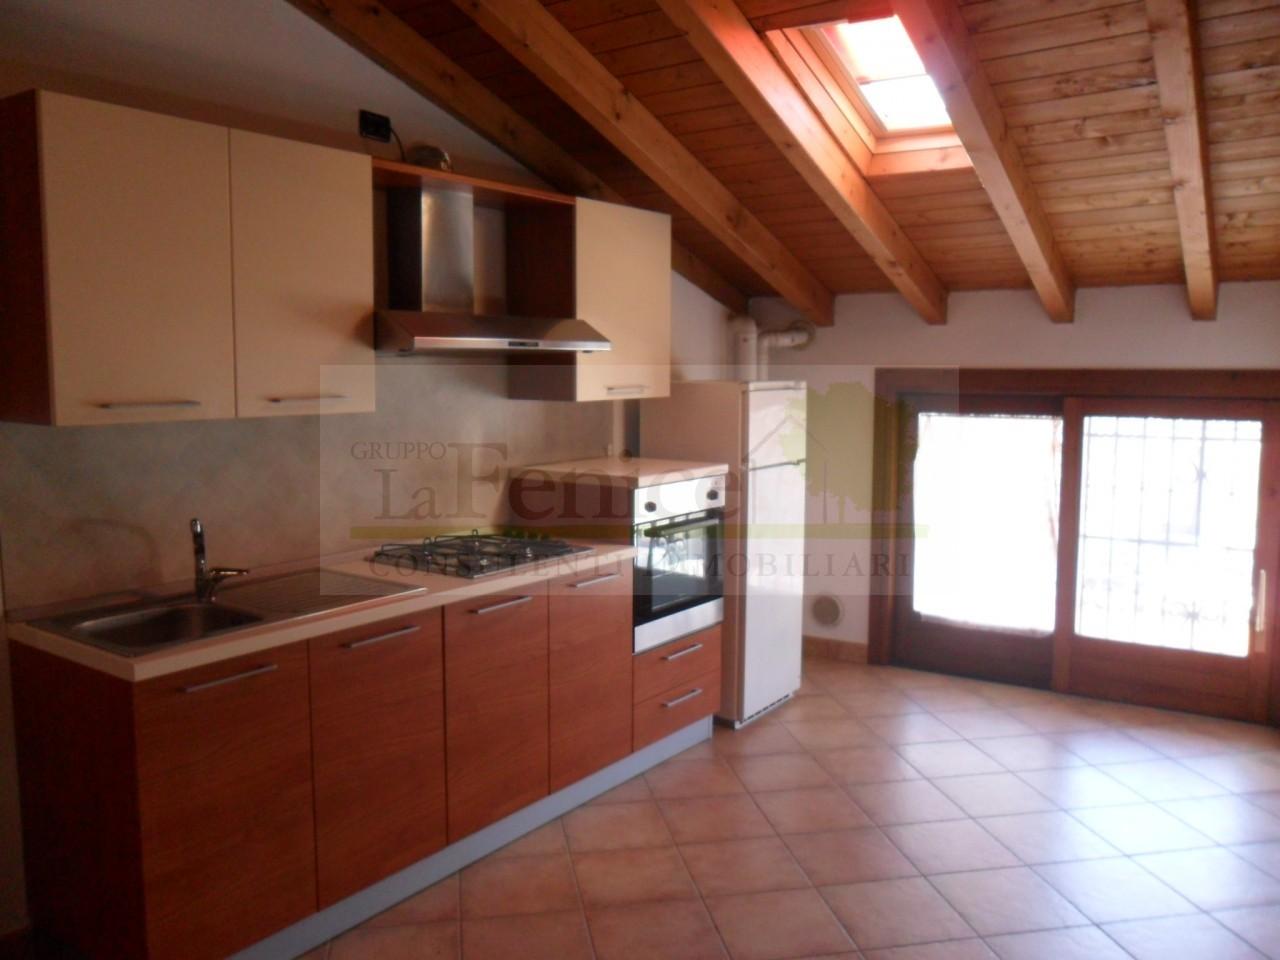 Appartamento bilocale in vendita a Castel Goffredo in zona Centro ...